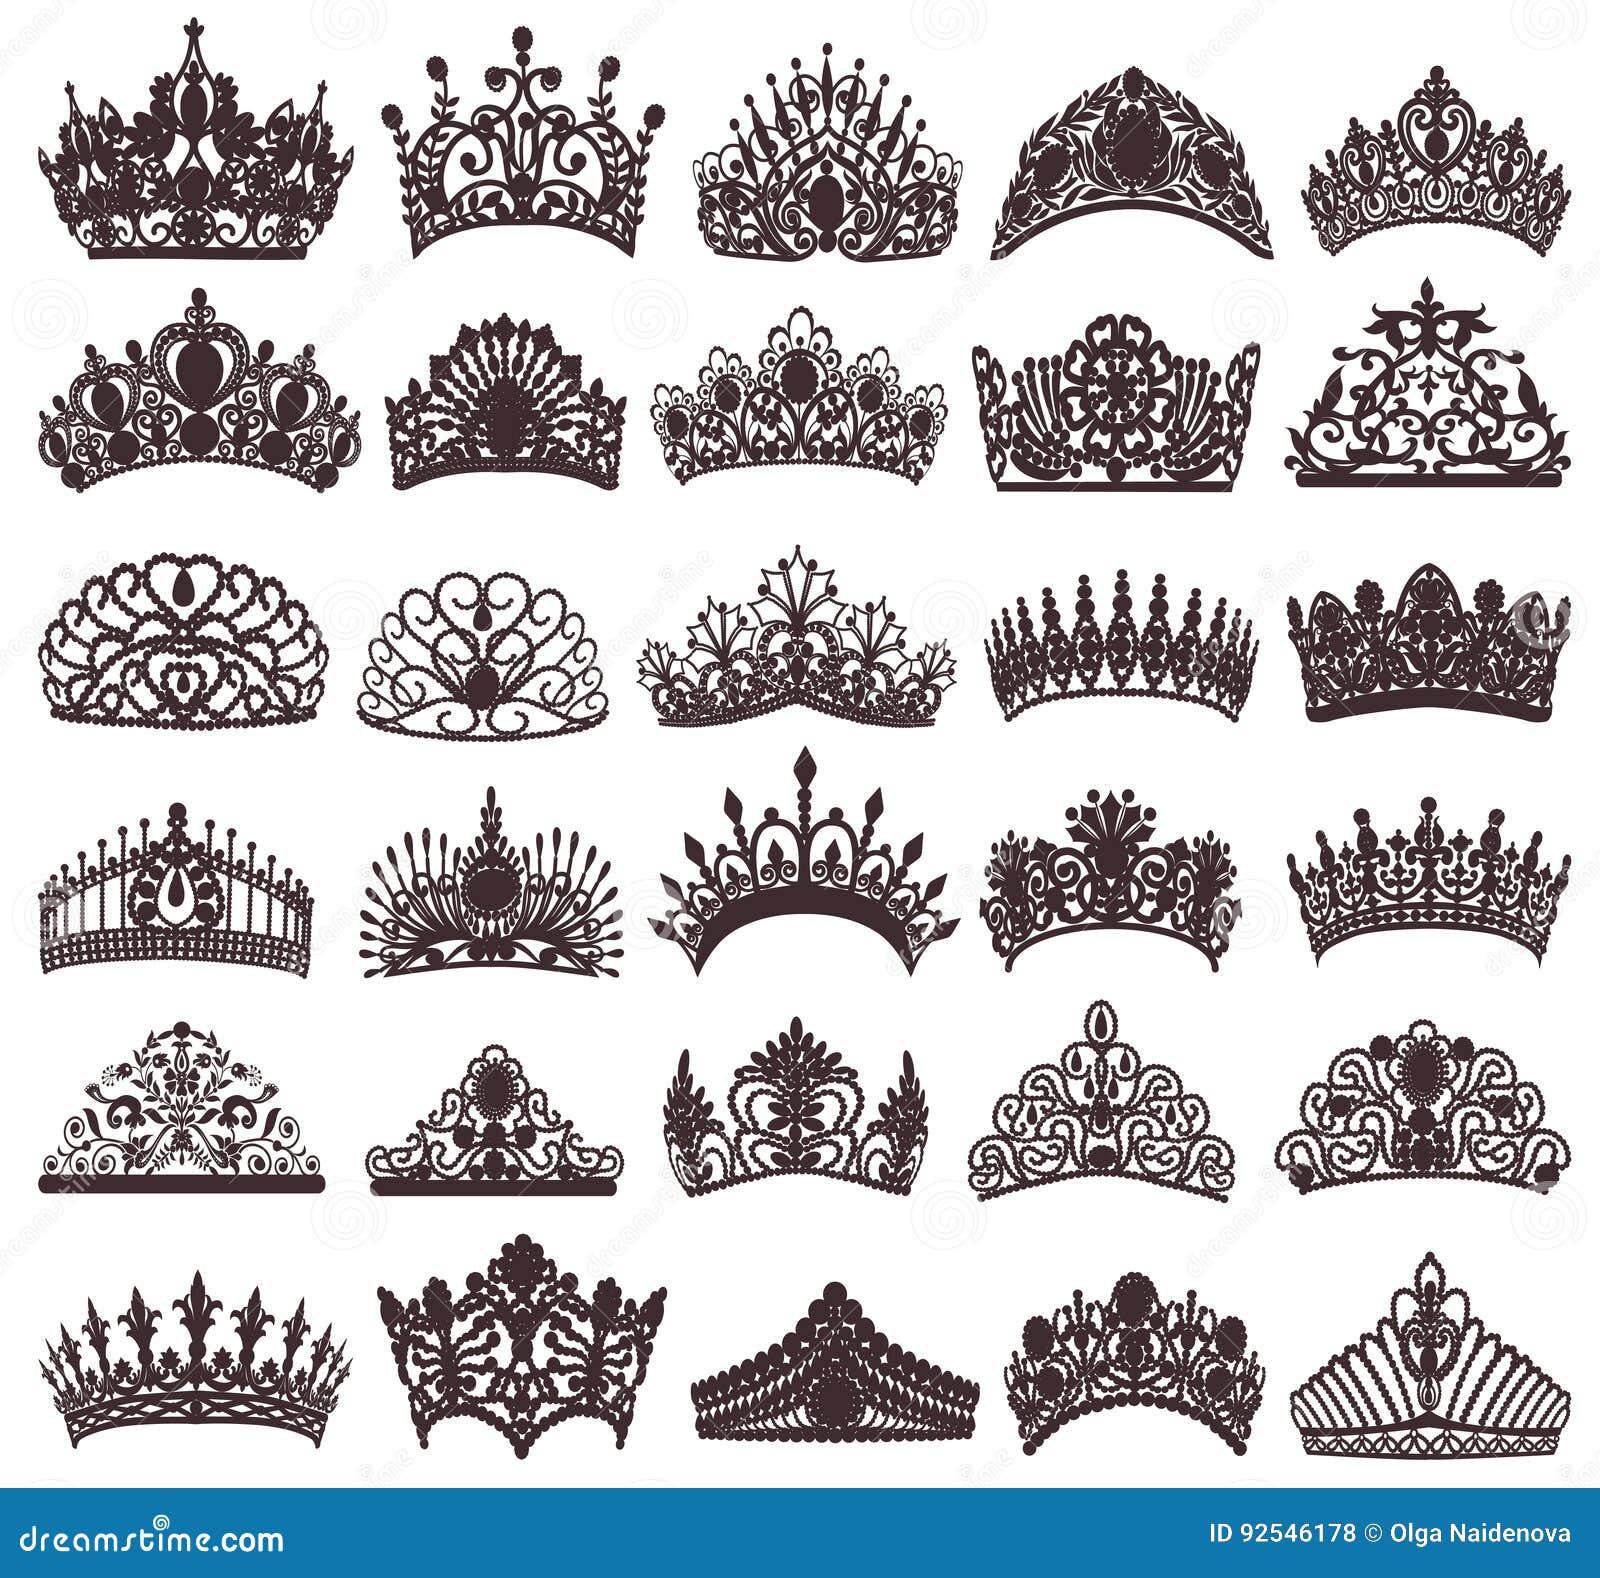 Sistema de las siluetas de las coronas antiguas, tiaras, tiara